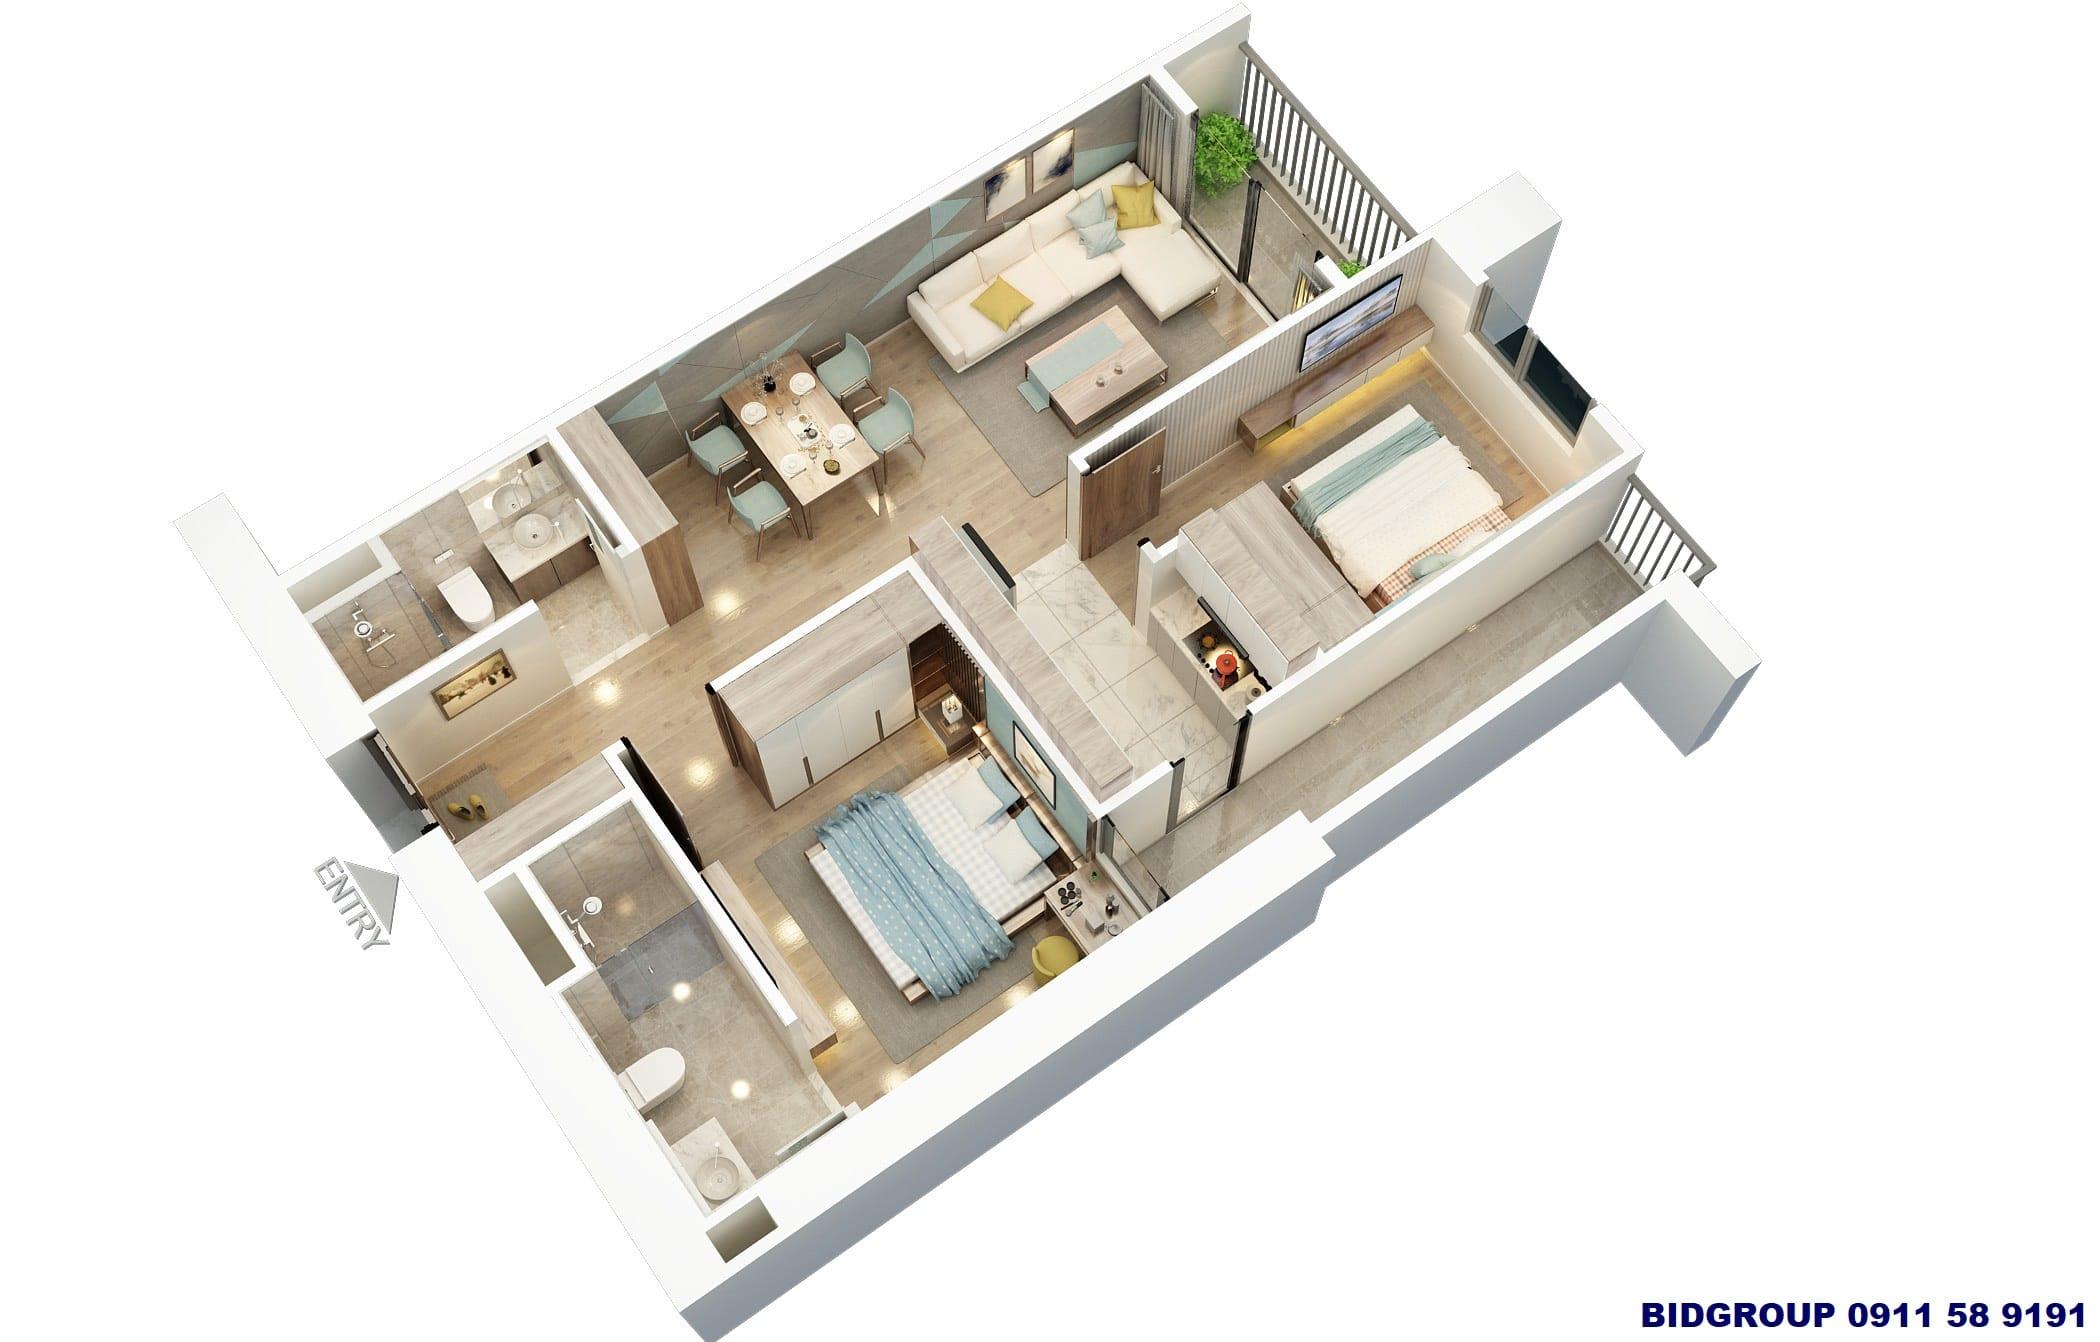 Phối cảnh căn hộ 2 phòng ngủ 72m2 Căn hộ Chung cư Dự án BID Residence Văn Khê (A01)